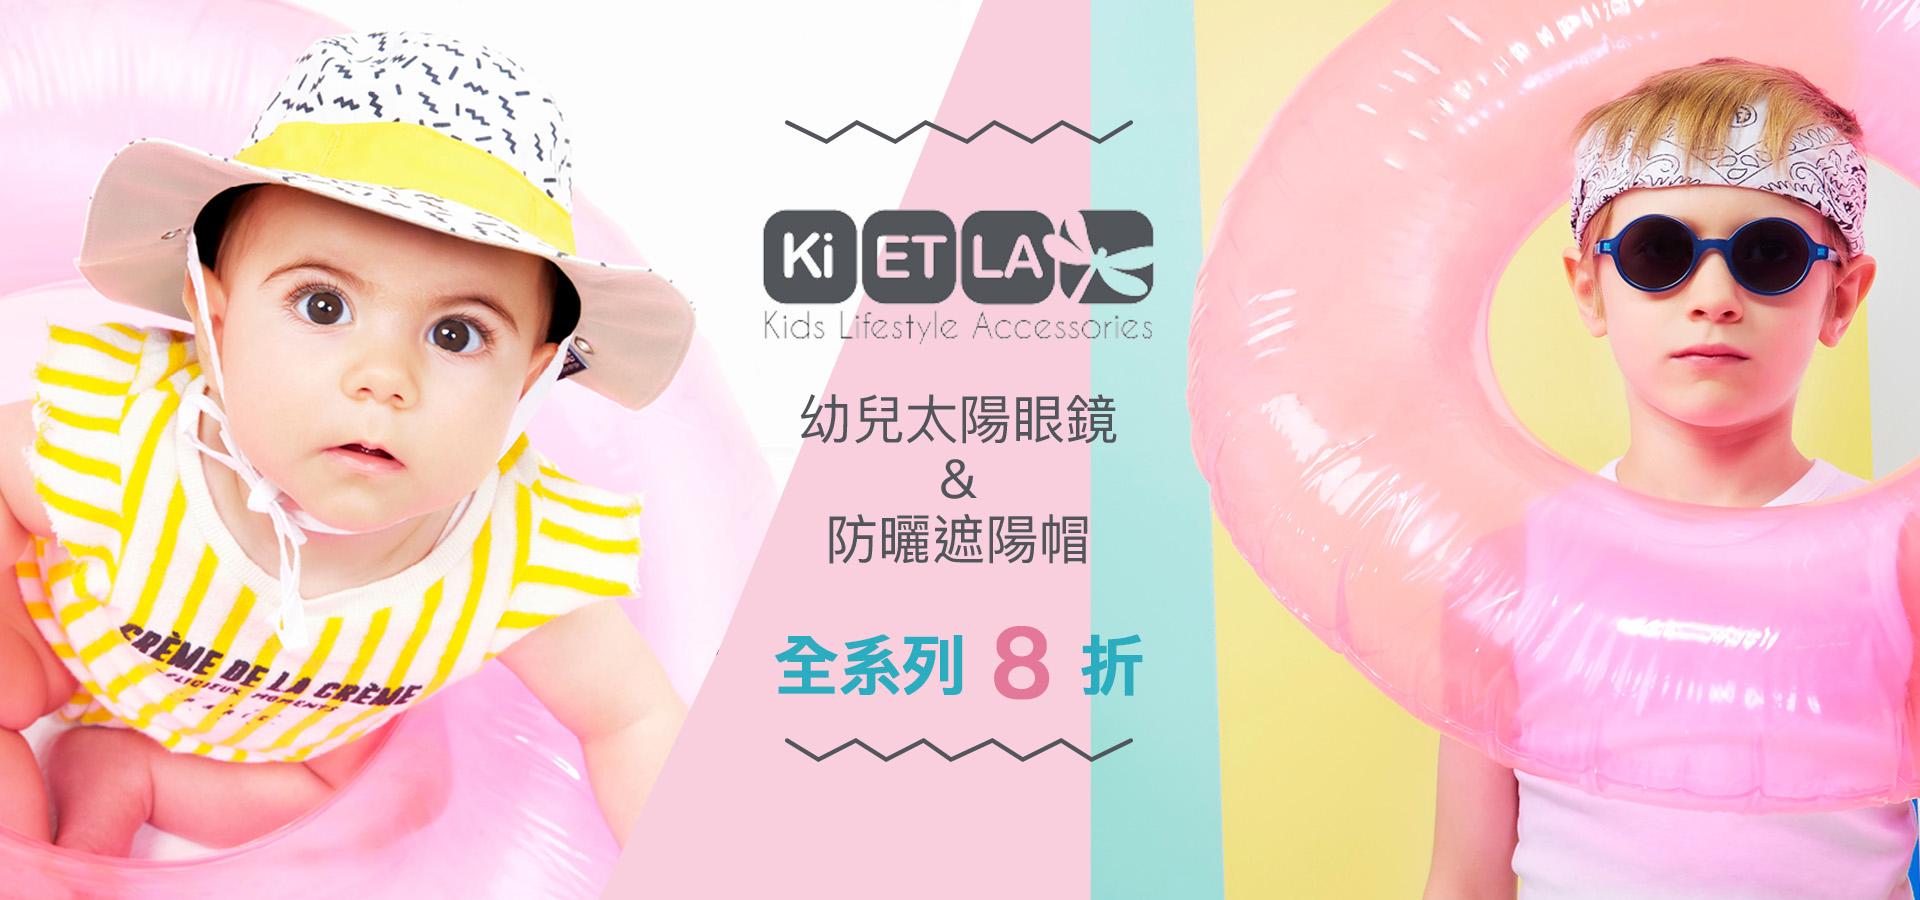 法國Ki ET LA幼兒太陽眼鏡&防曬遮陽帽全系列8折